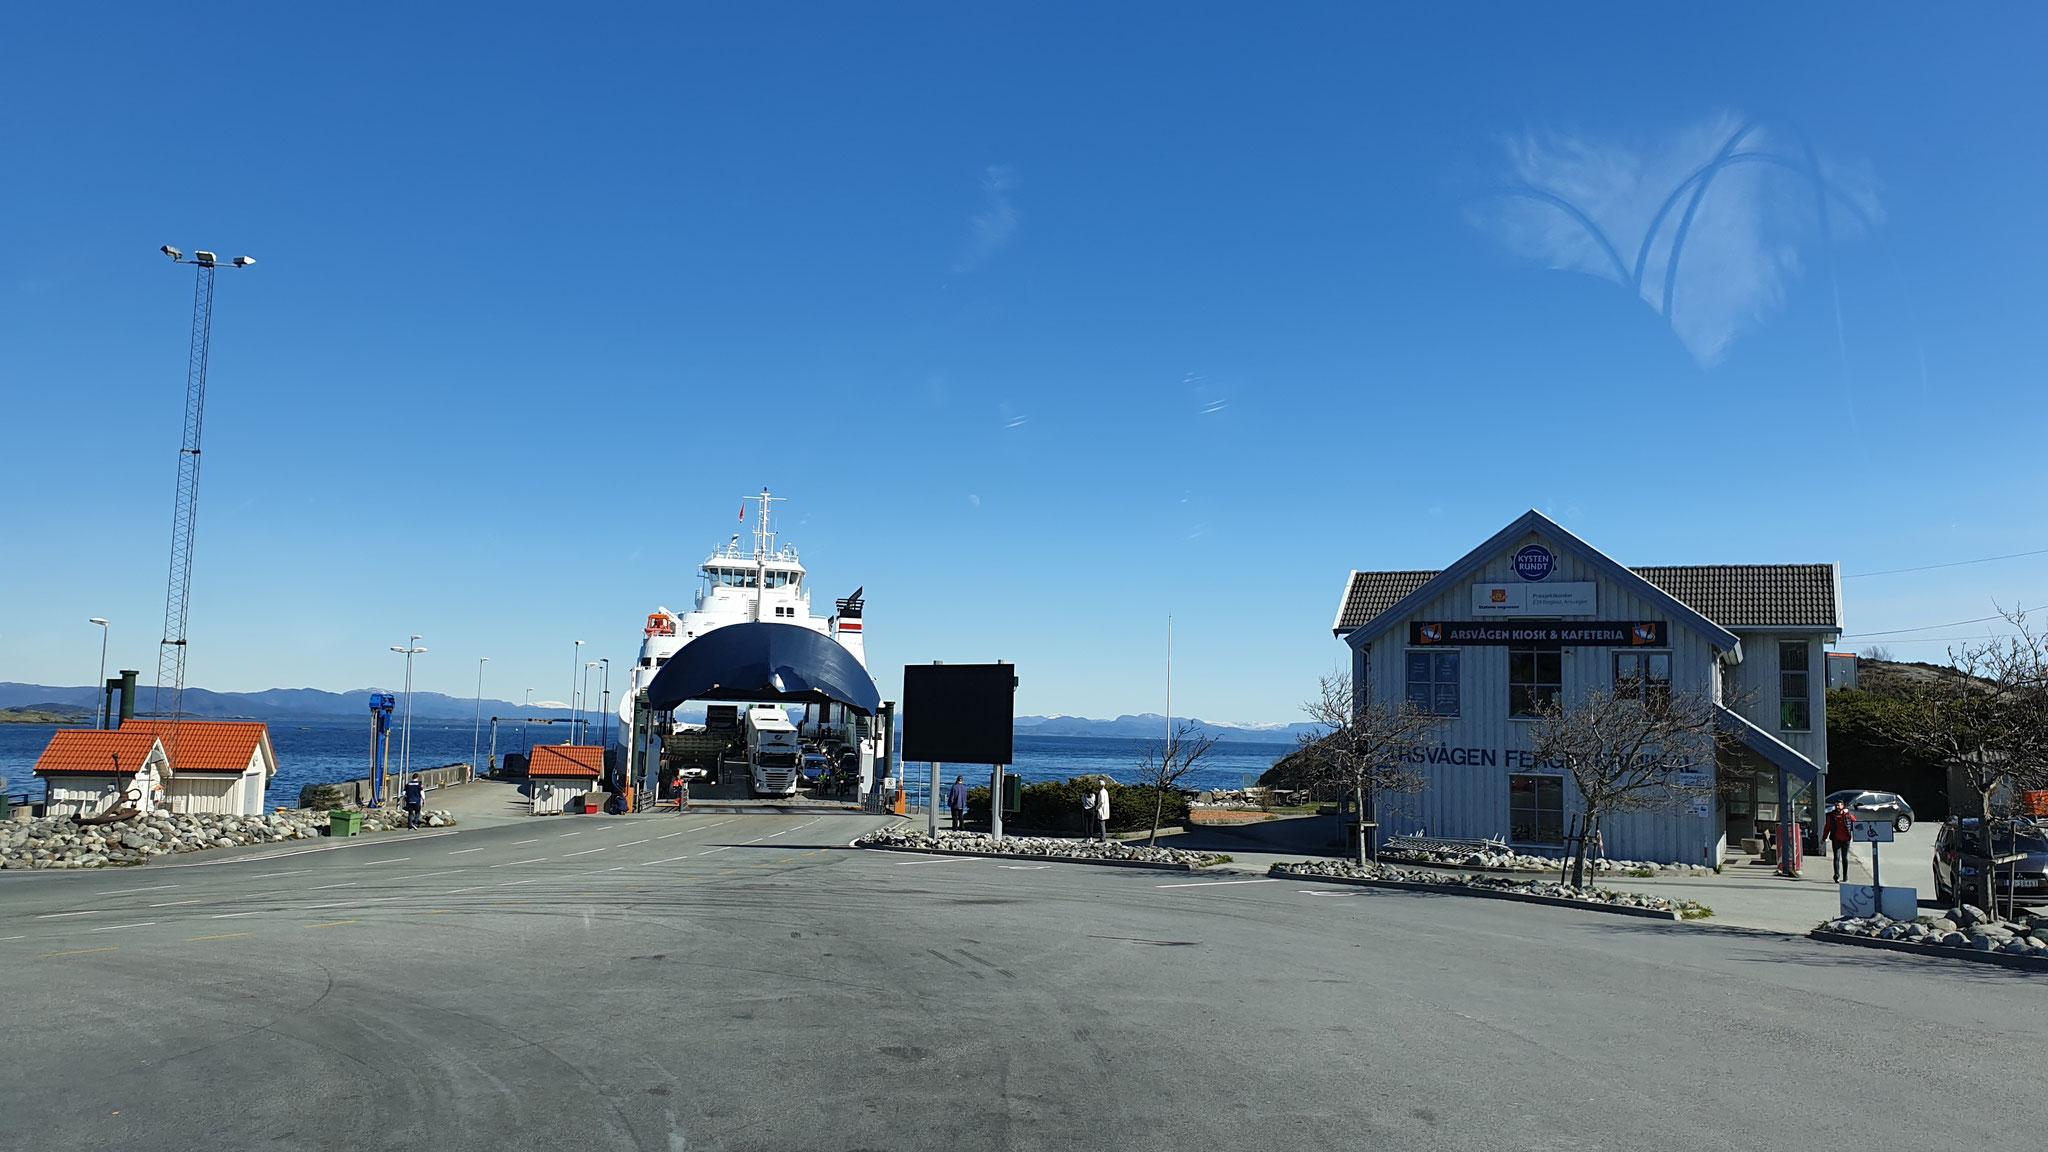 Ab hier ist unsere Fjord1-Karte nicht mehr brauchbar